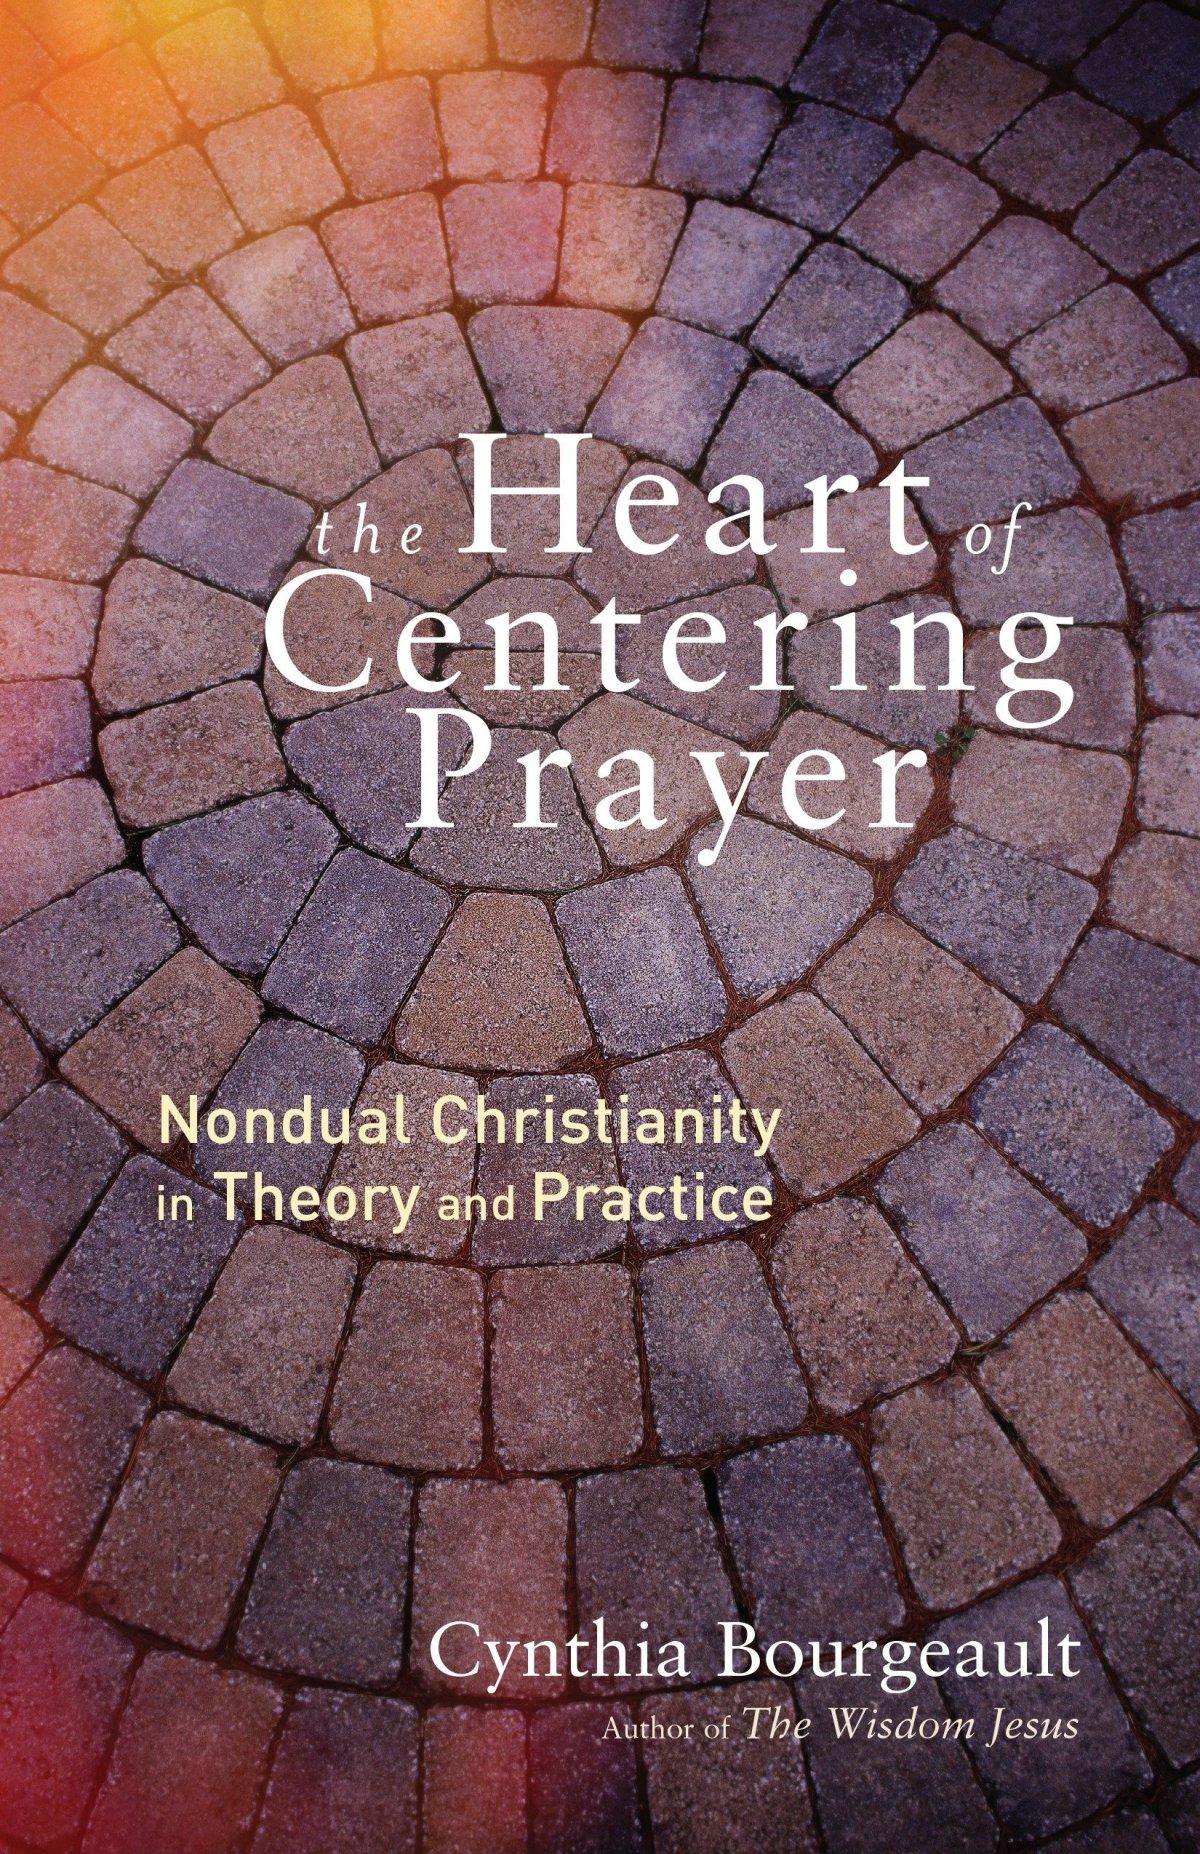 Cynthia Bourgeault: Das Herz des ZentrierendenGebets